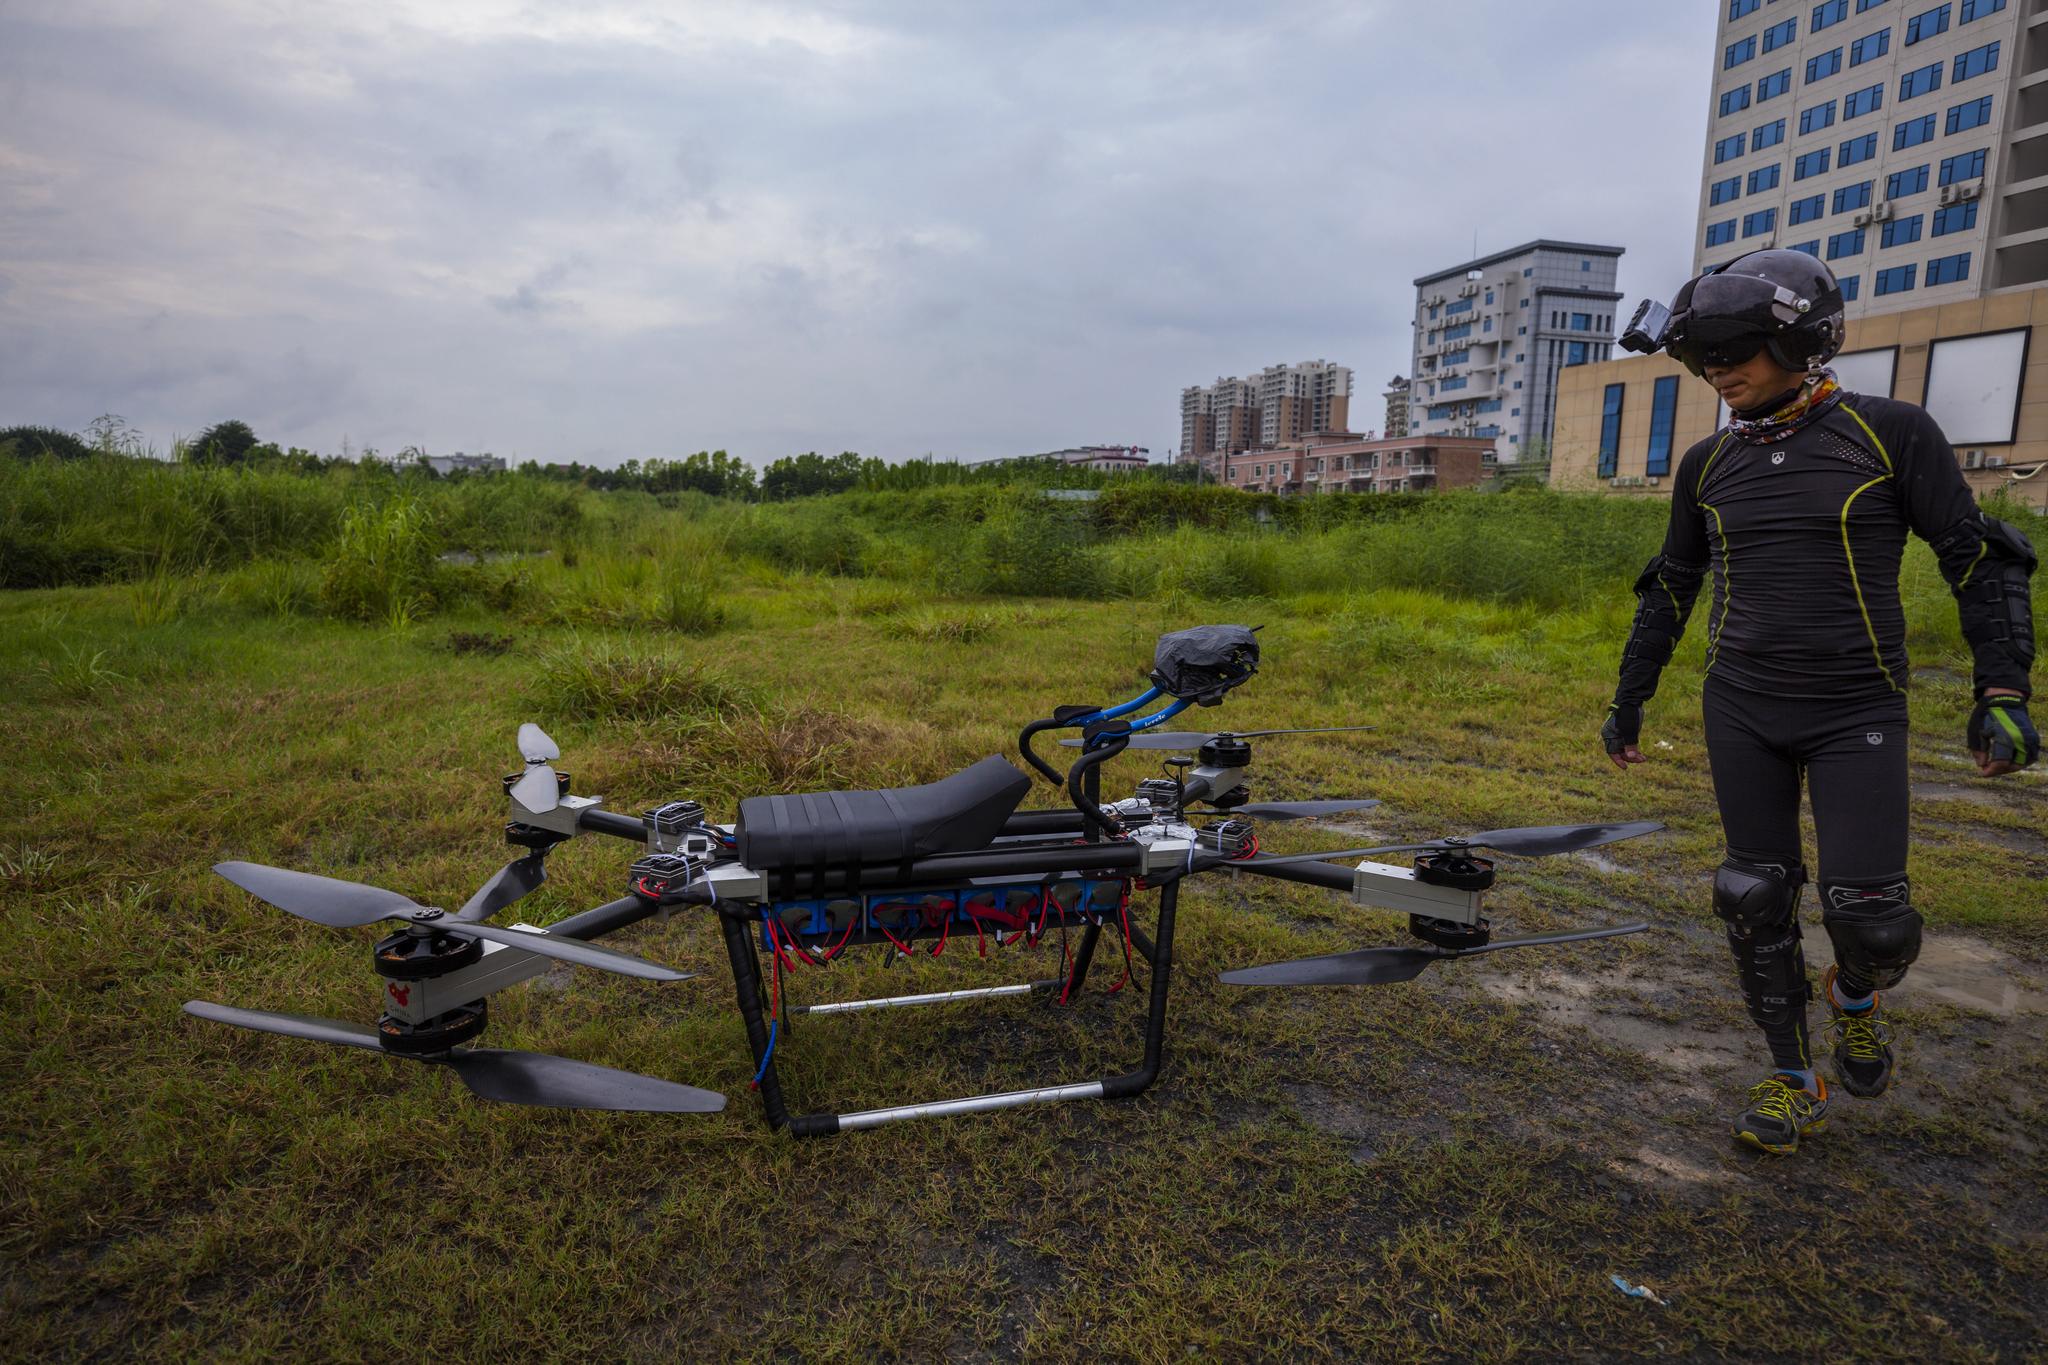 쟈오 델리가 12일 중국 둥관시에서 자신이 만든 '플라잉 스쿠터 flying scooter'를 타기위해 준비하고 있다. [EPA=연합뉴스]